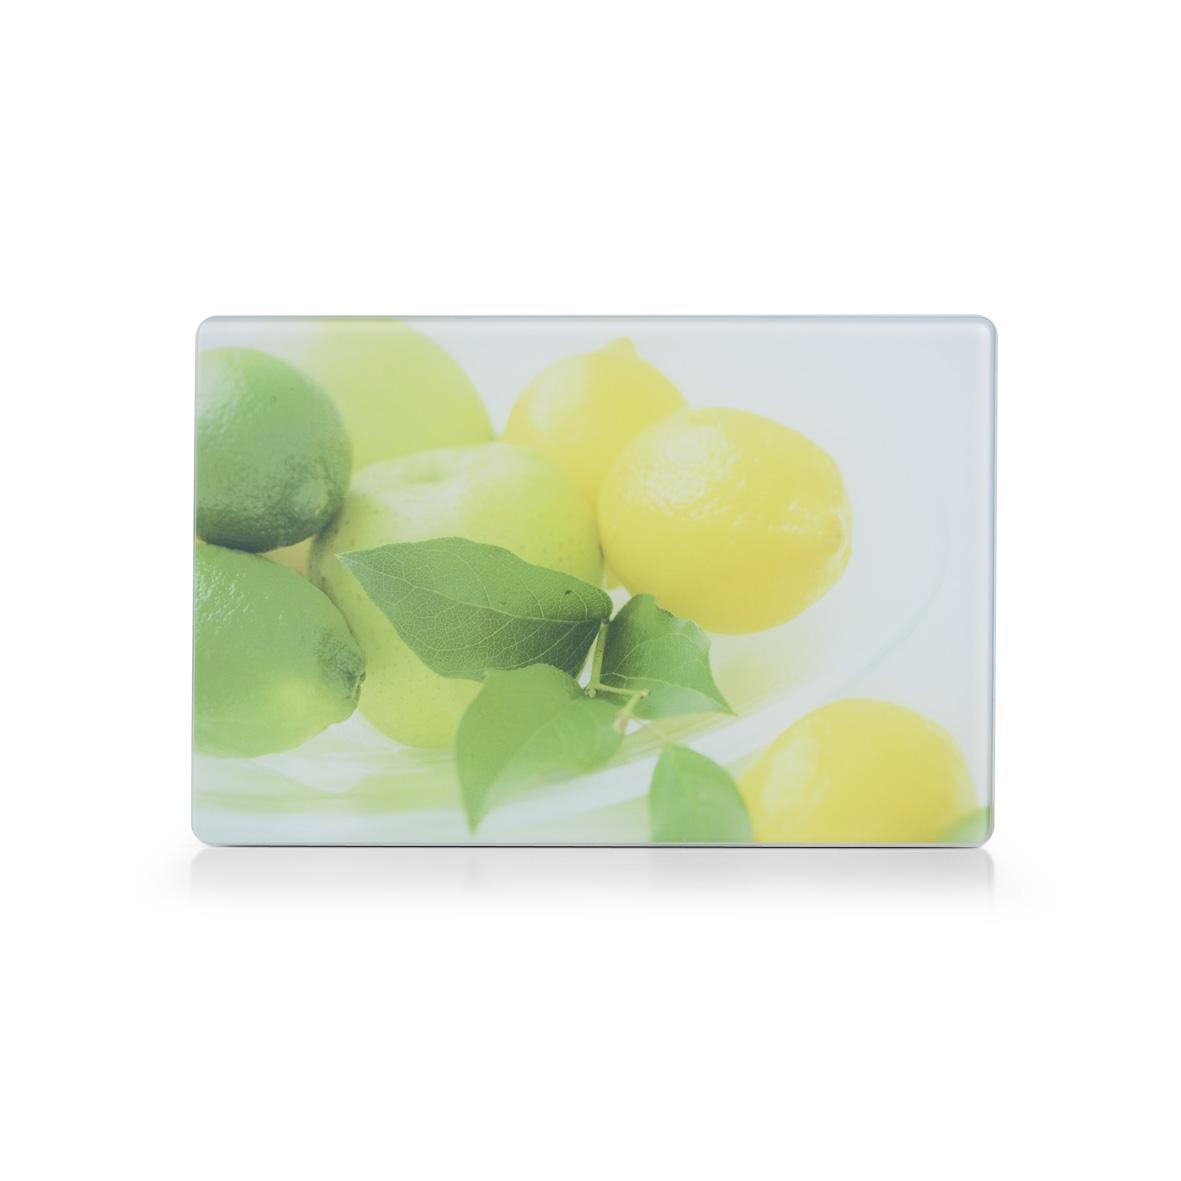 """Разделочная доска Zeller """"Лимоны"""" выполнена из жароустойчивого стекла. Изделие, украшенное красочным изображением спелых яблок, лимонов и лайма, идеально впишется в интерьер современной кухни. Изделие легко чистить от пятен и жира. Также доску можно применять как подставку под горячее. Доска оснащена резиновыми ножками, предотвращающими скольжение по поверхности стола.  Разделочная доска Zeller """"Лимоны"""" украсит ваш стол и сбережет его от воздействия высоких температур ваших кулинарных шедевров."""